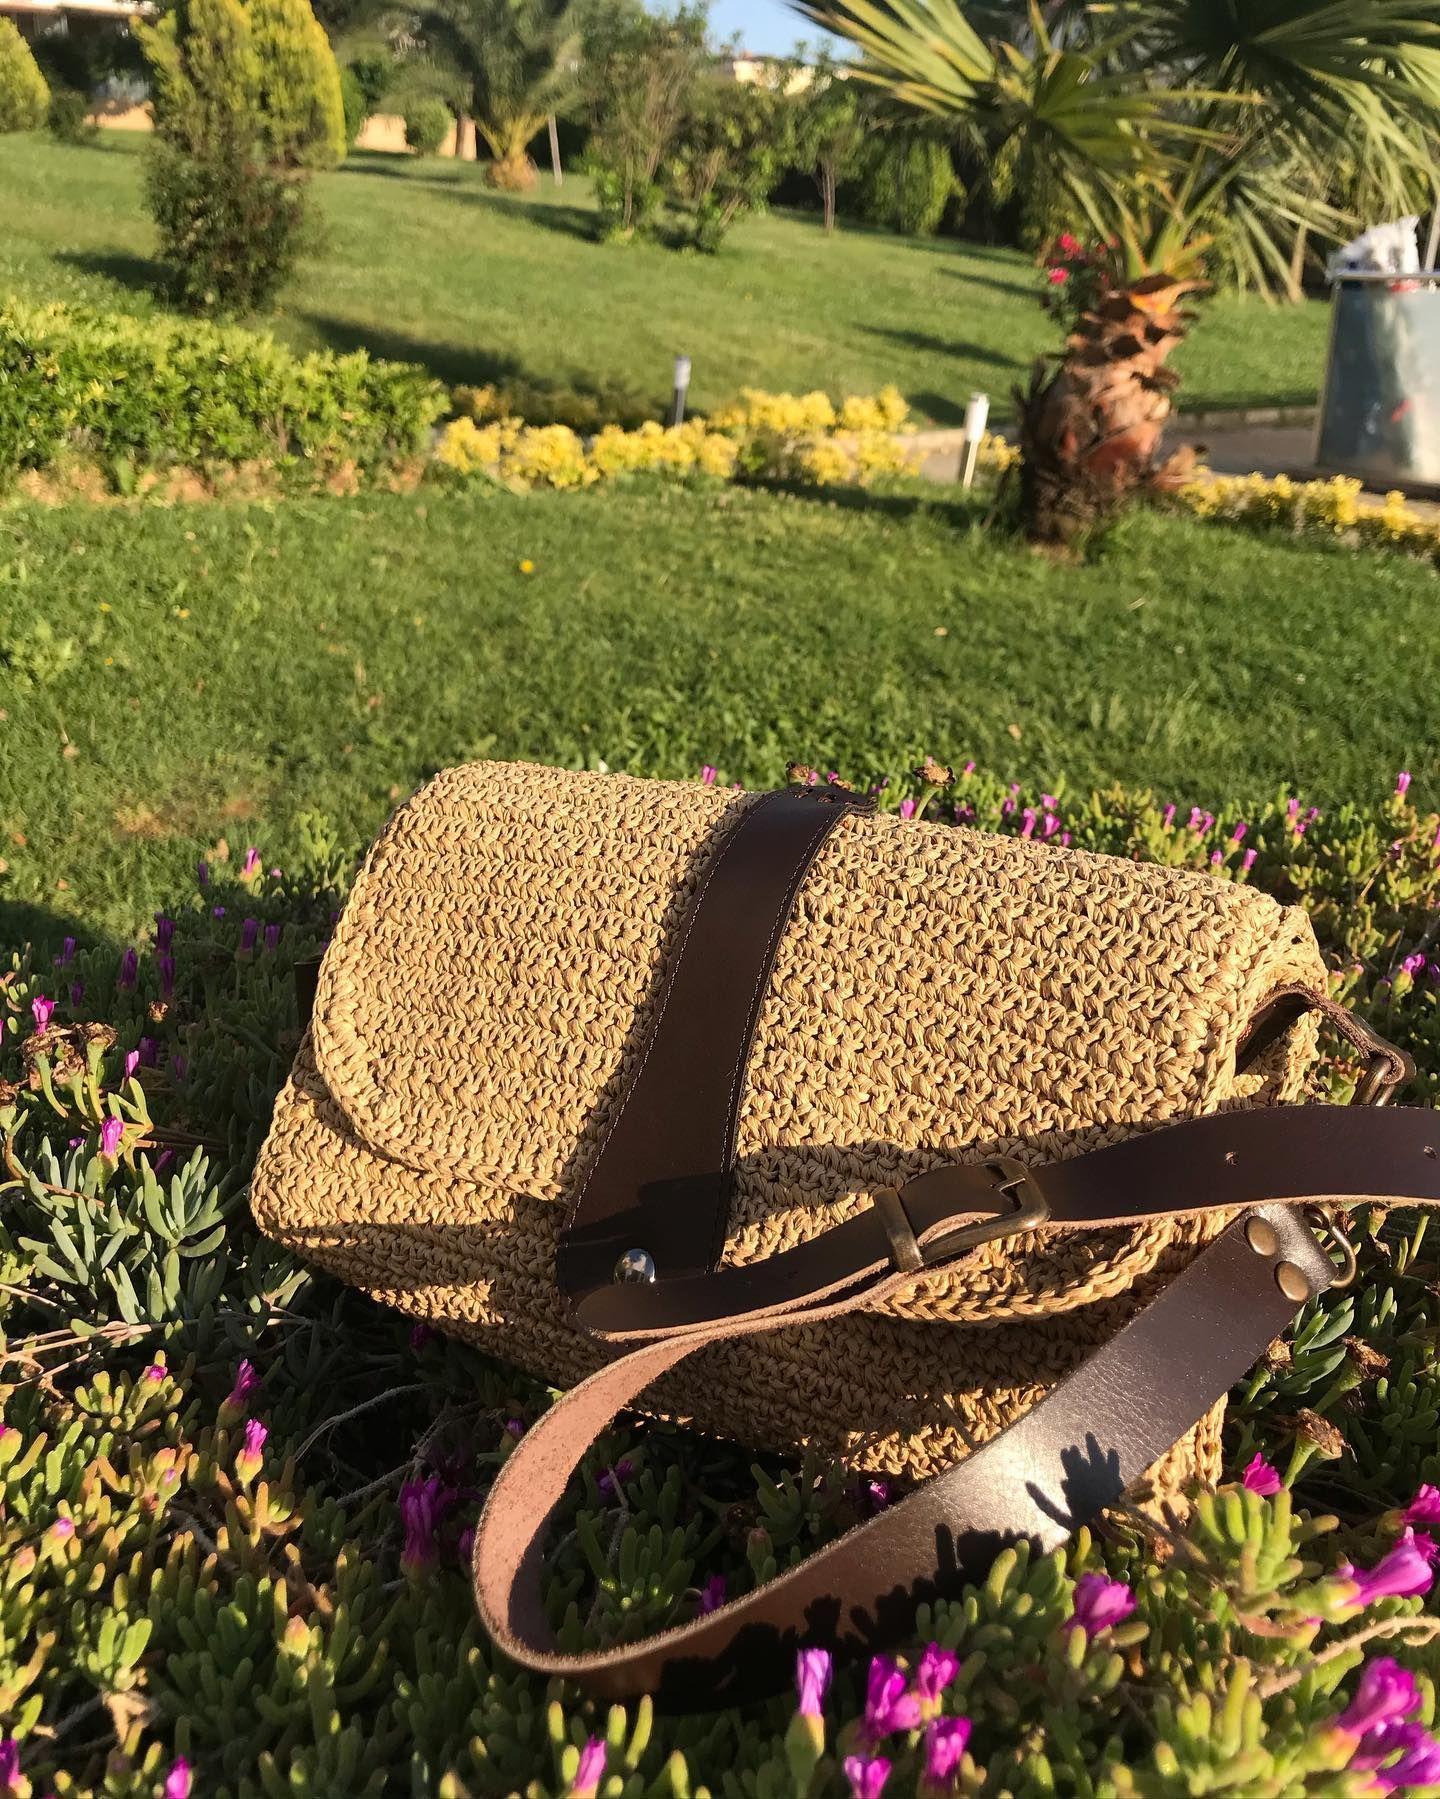 Çok özel biri olan, sevgili öğretmenimiz @hulya_ozdemir87 için hazırlanan gerçek deri saplı hasır çantam 🥰 bayramdan hemen sonra ✈️ Diyarbakır yolcusu. . . . . #kağıtip #çantaaşkı #örgüçanta #örgüçantamodelleri #handmadebag #handmadebags #crochetbag #crochetbags #elyapımıçanta #elyapimicanta #derisap #kağıtipçanta #baglovers #bagstyle